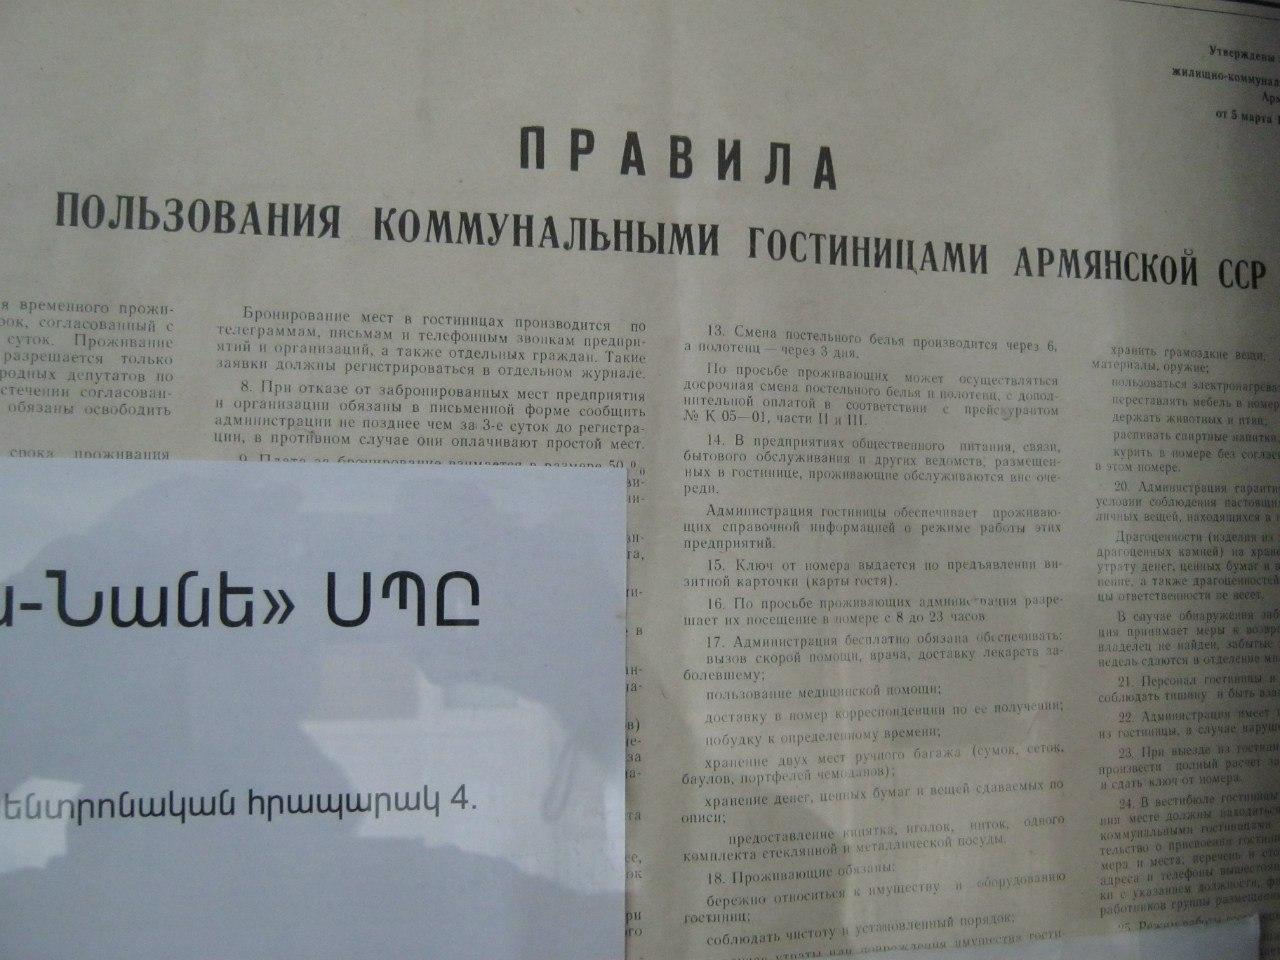 правила гостиницы в Армении на русском языке